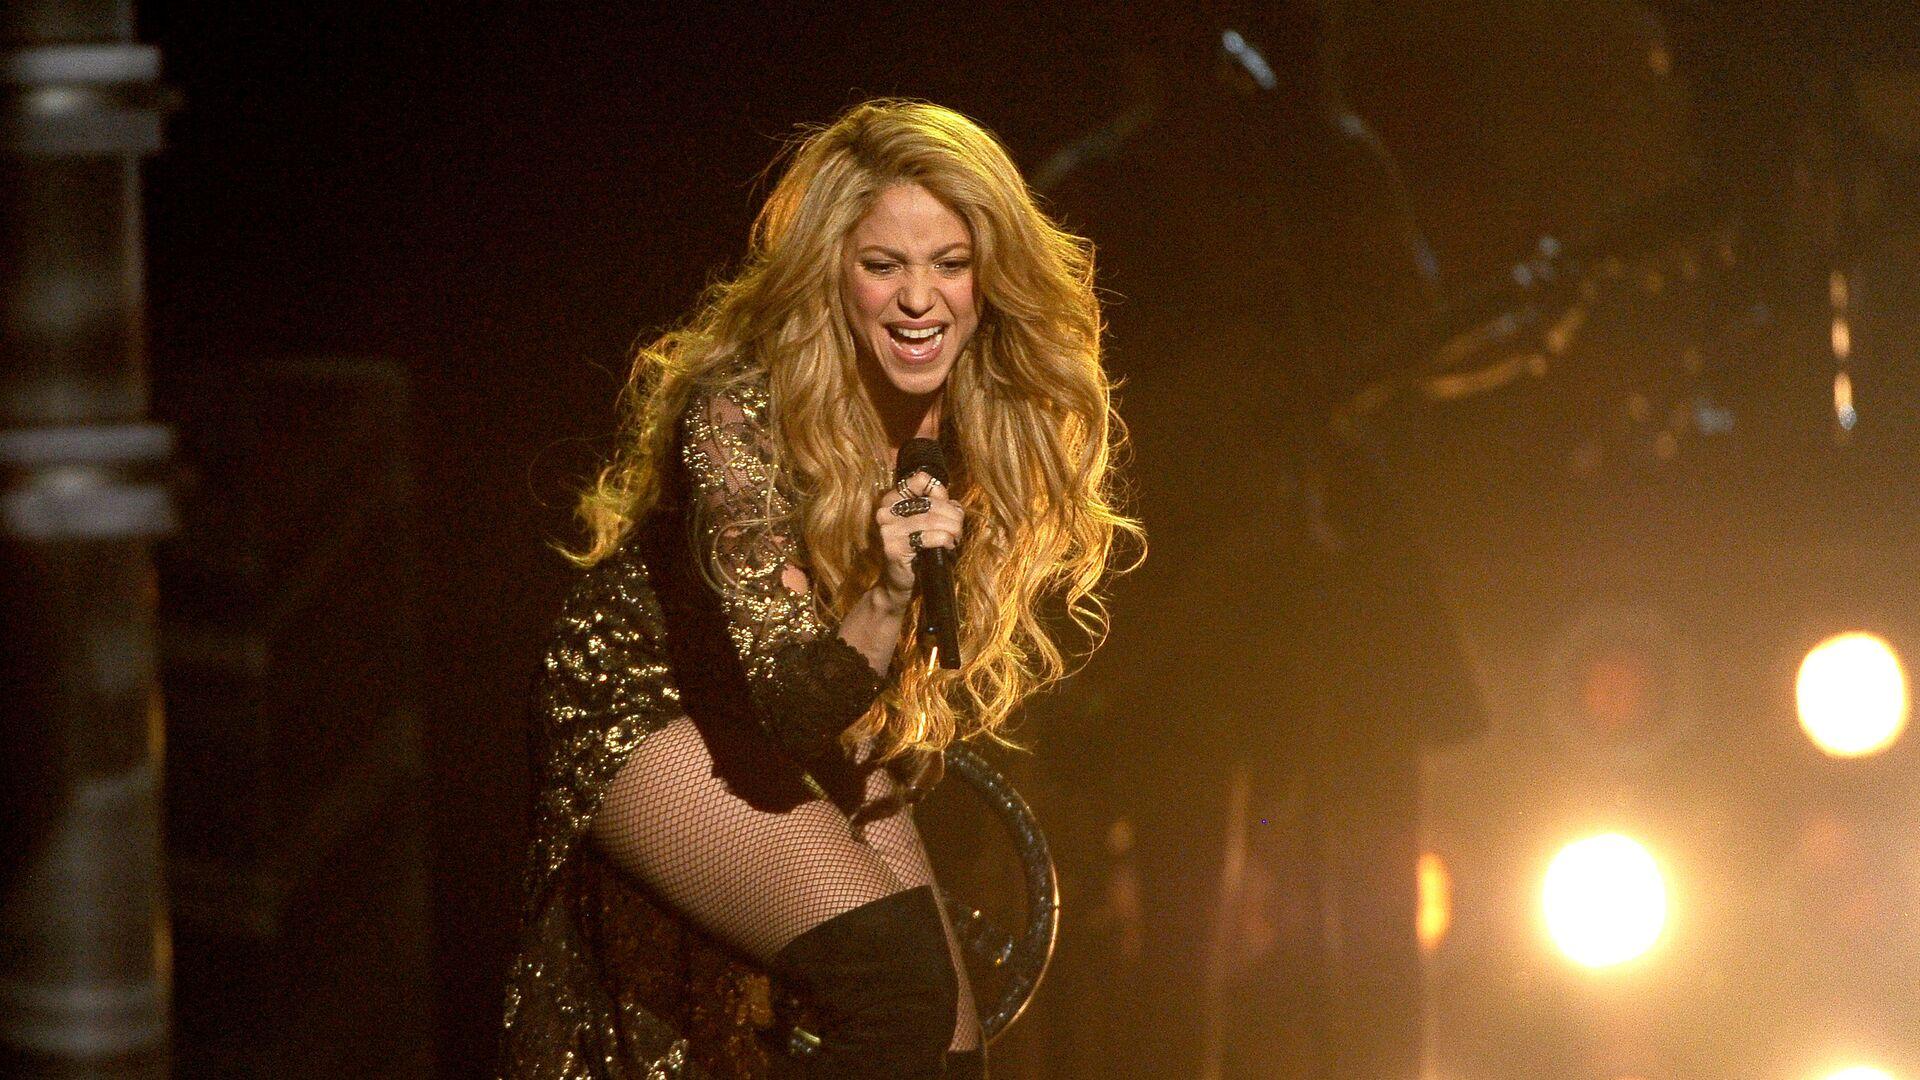 Певица Шакира выступает на вручении наград Billboard Music Awards - РИА Новости, 1920, 29.07.2021